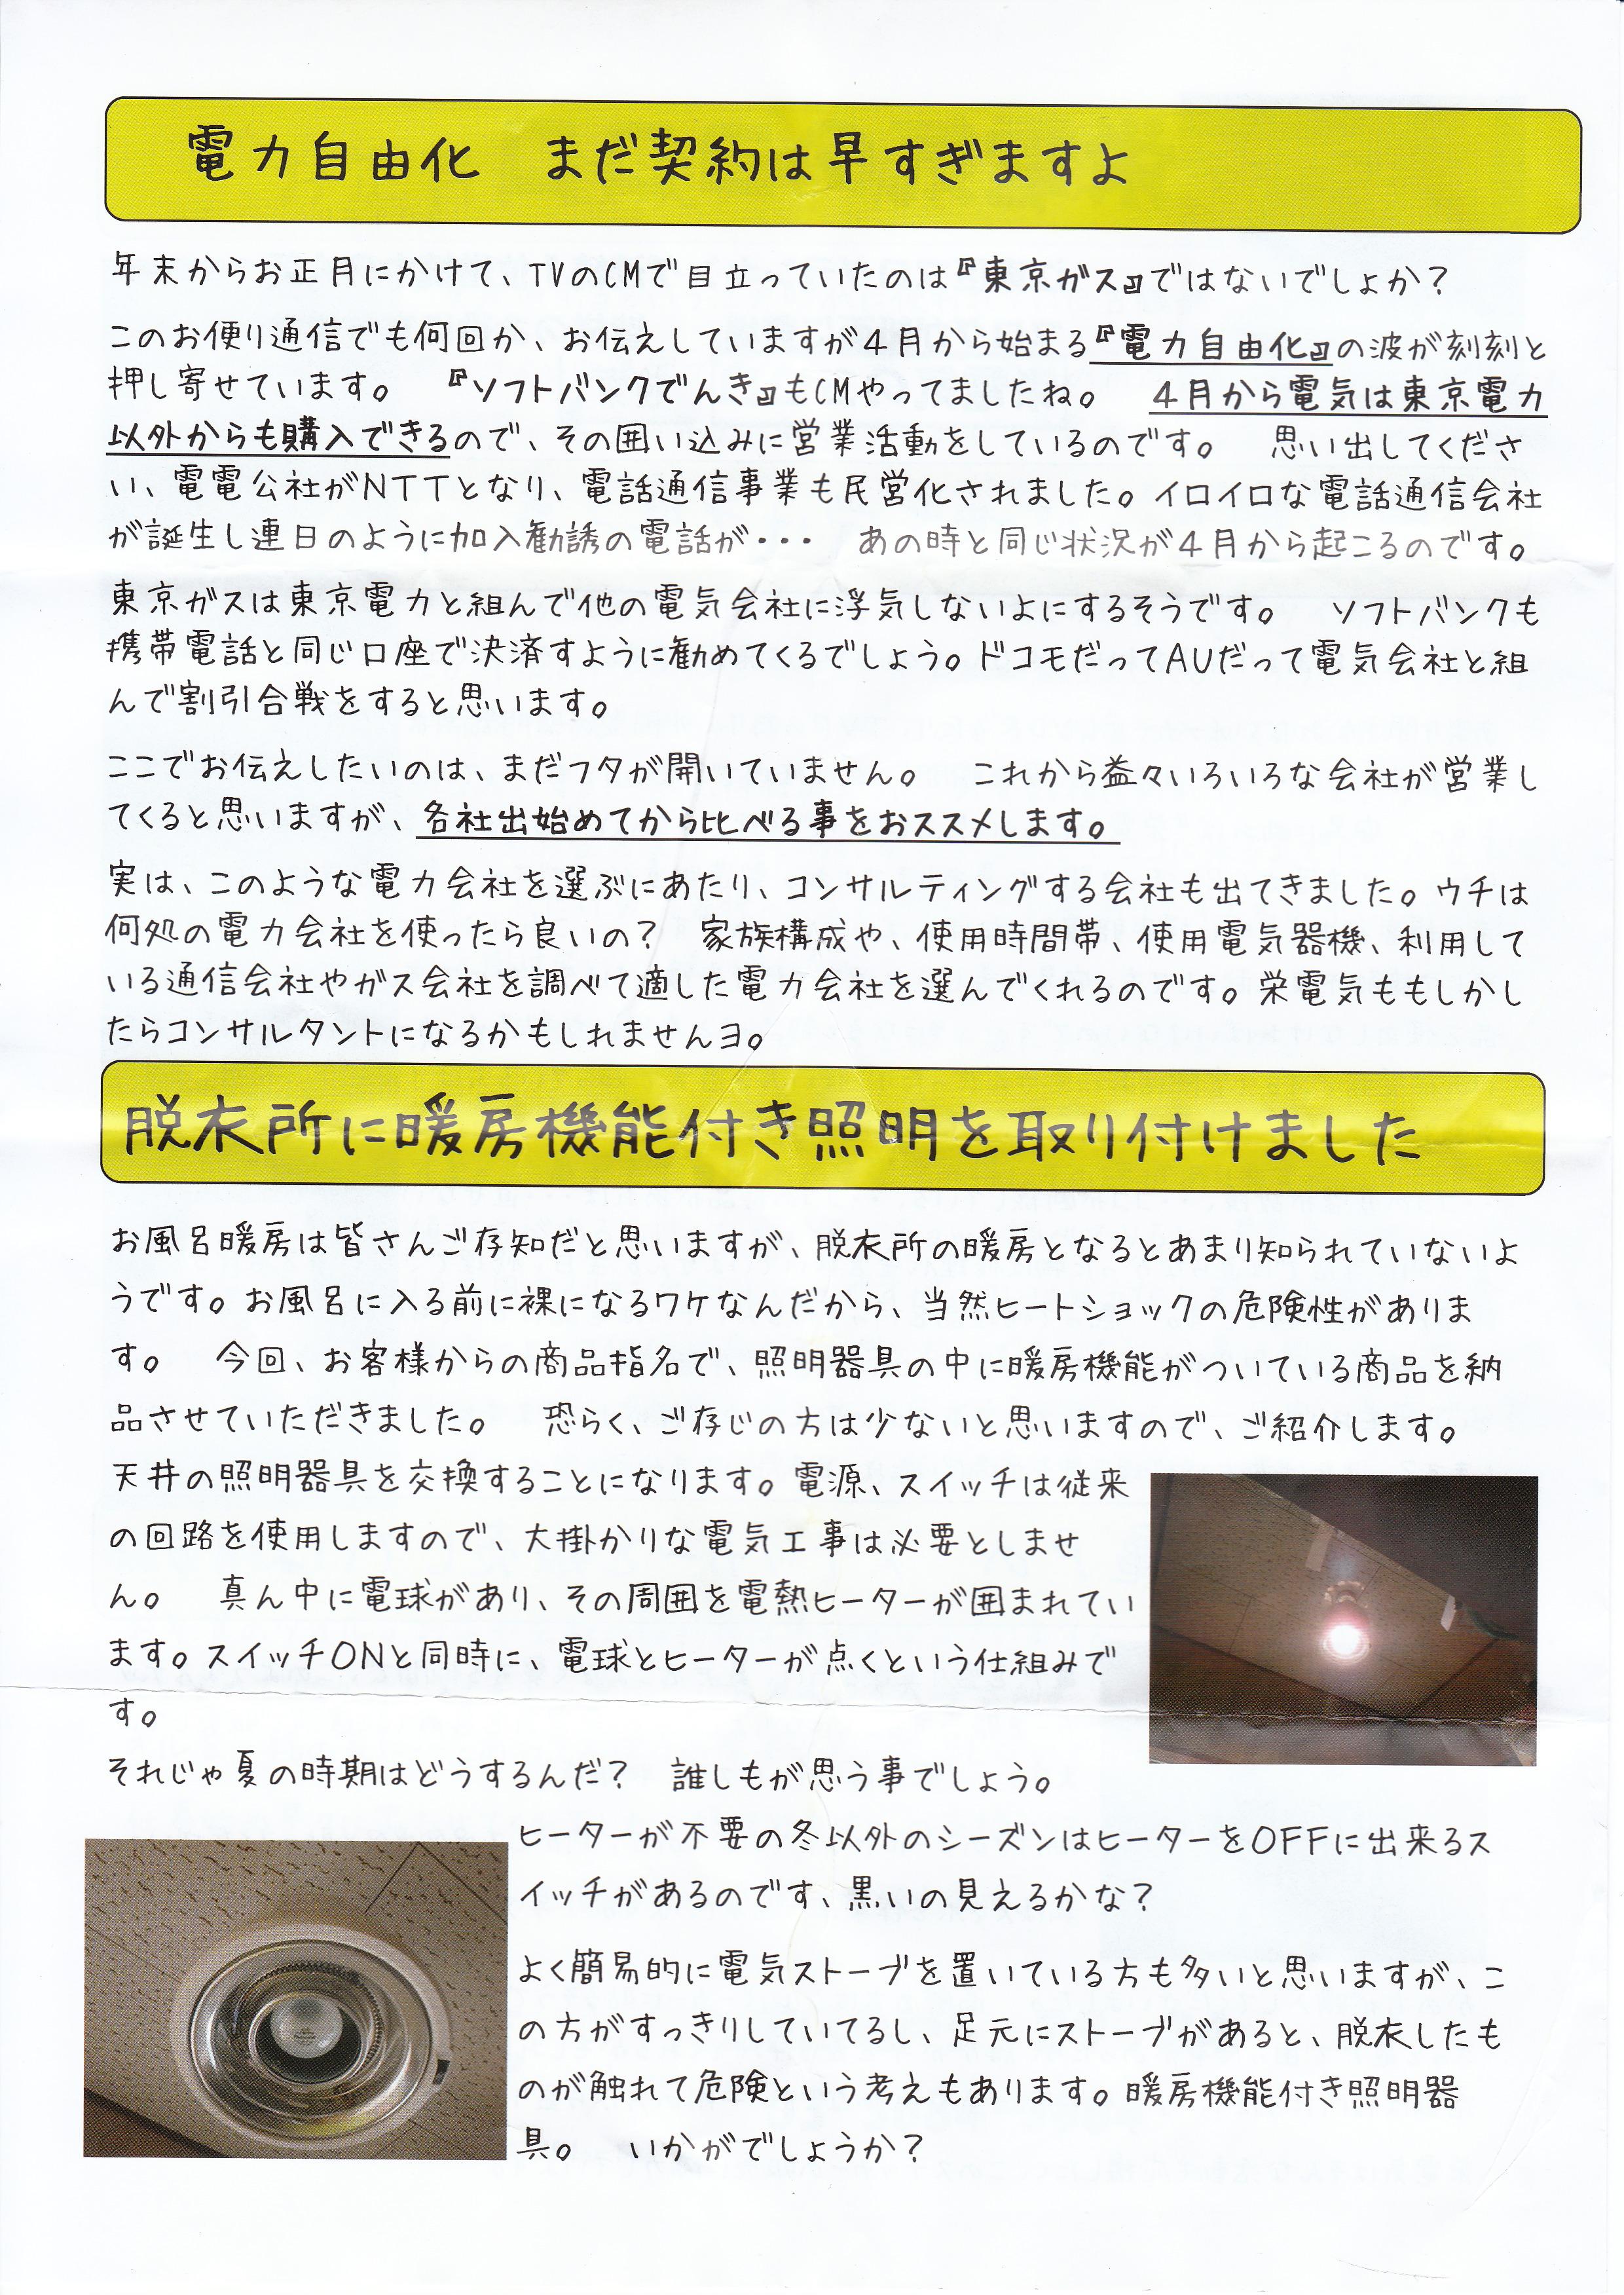 『栄電気のココロ』 2016年1月号 2ページ目